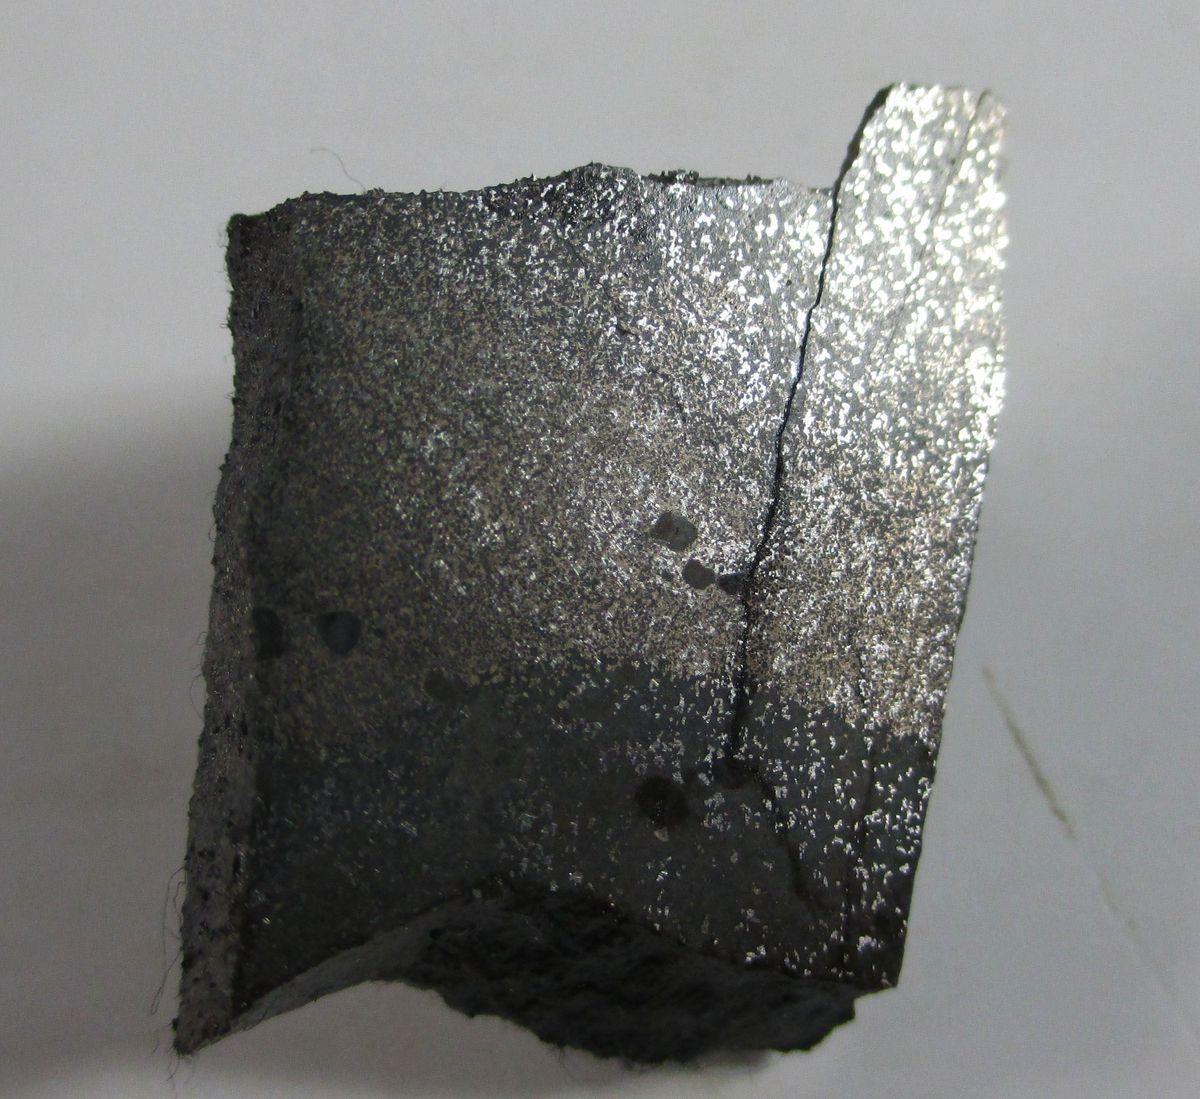 MineralMan.com - The Photo Archive of Sold Specimens